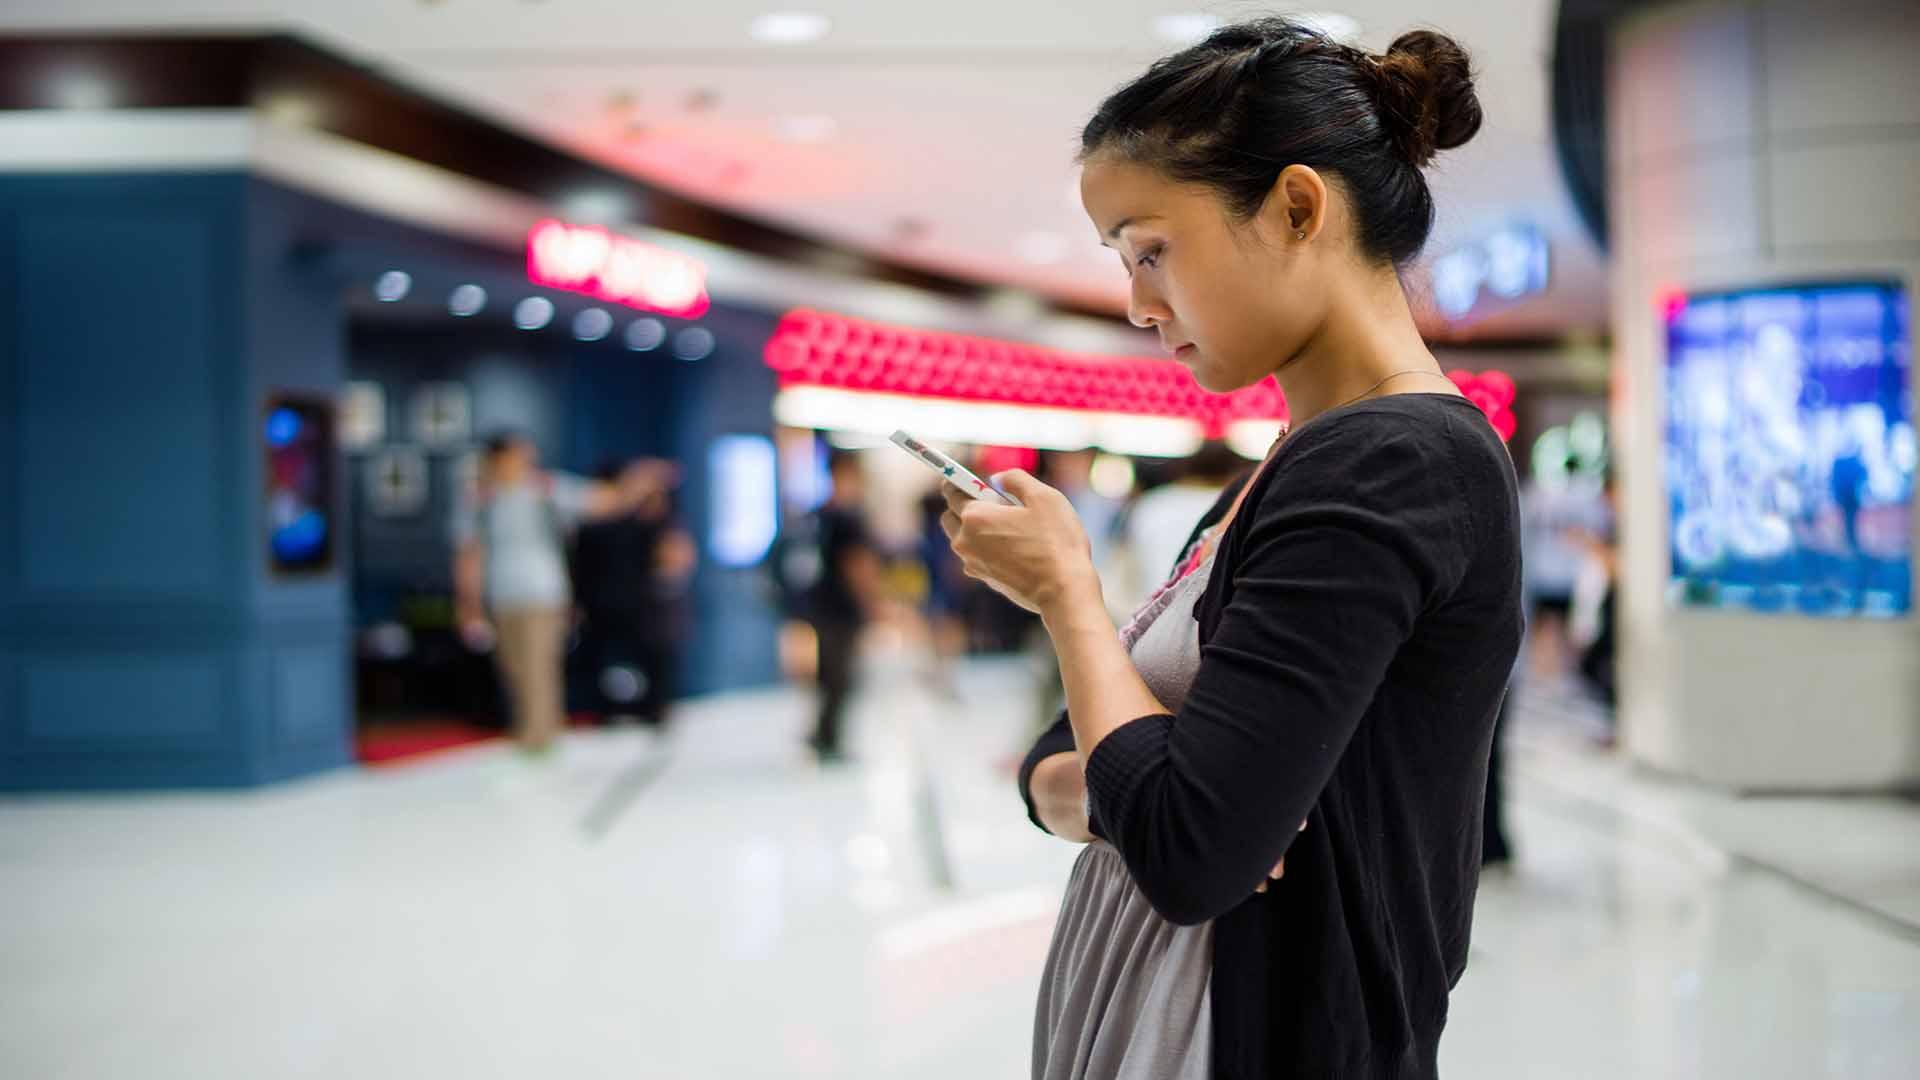 microsoft customer service line